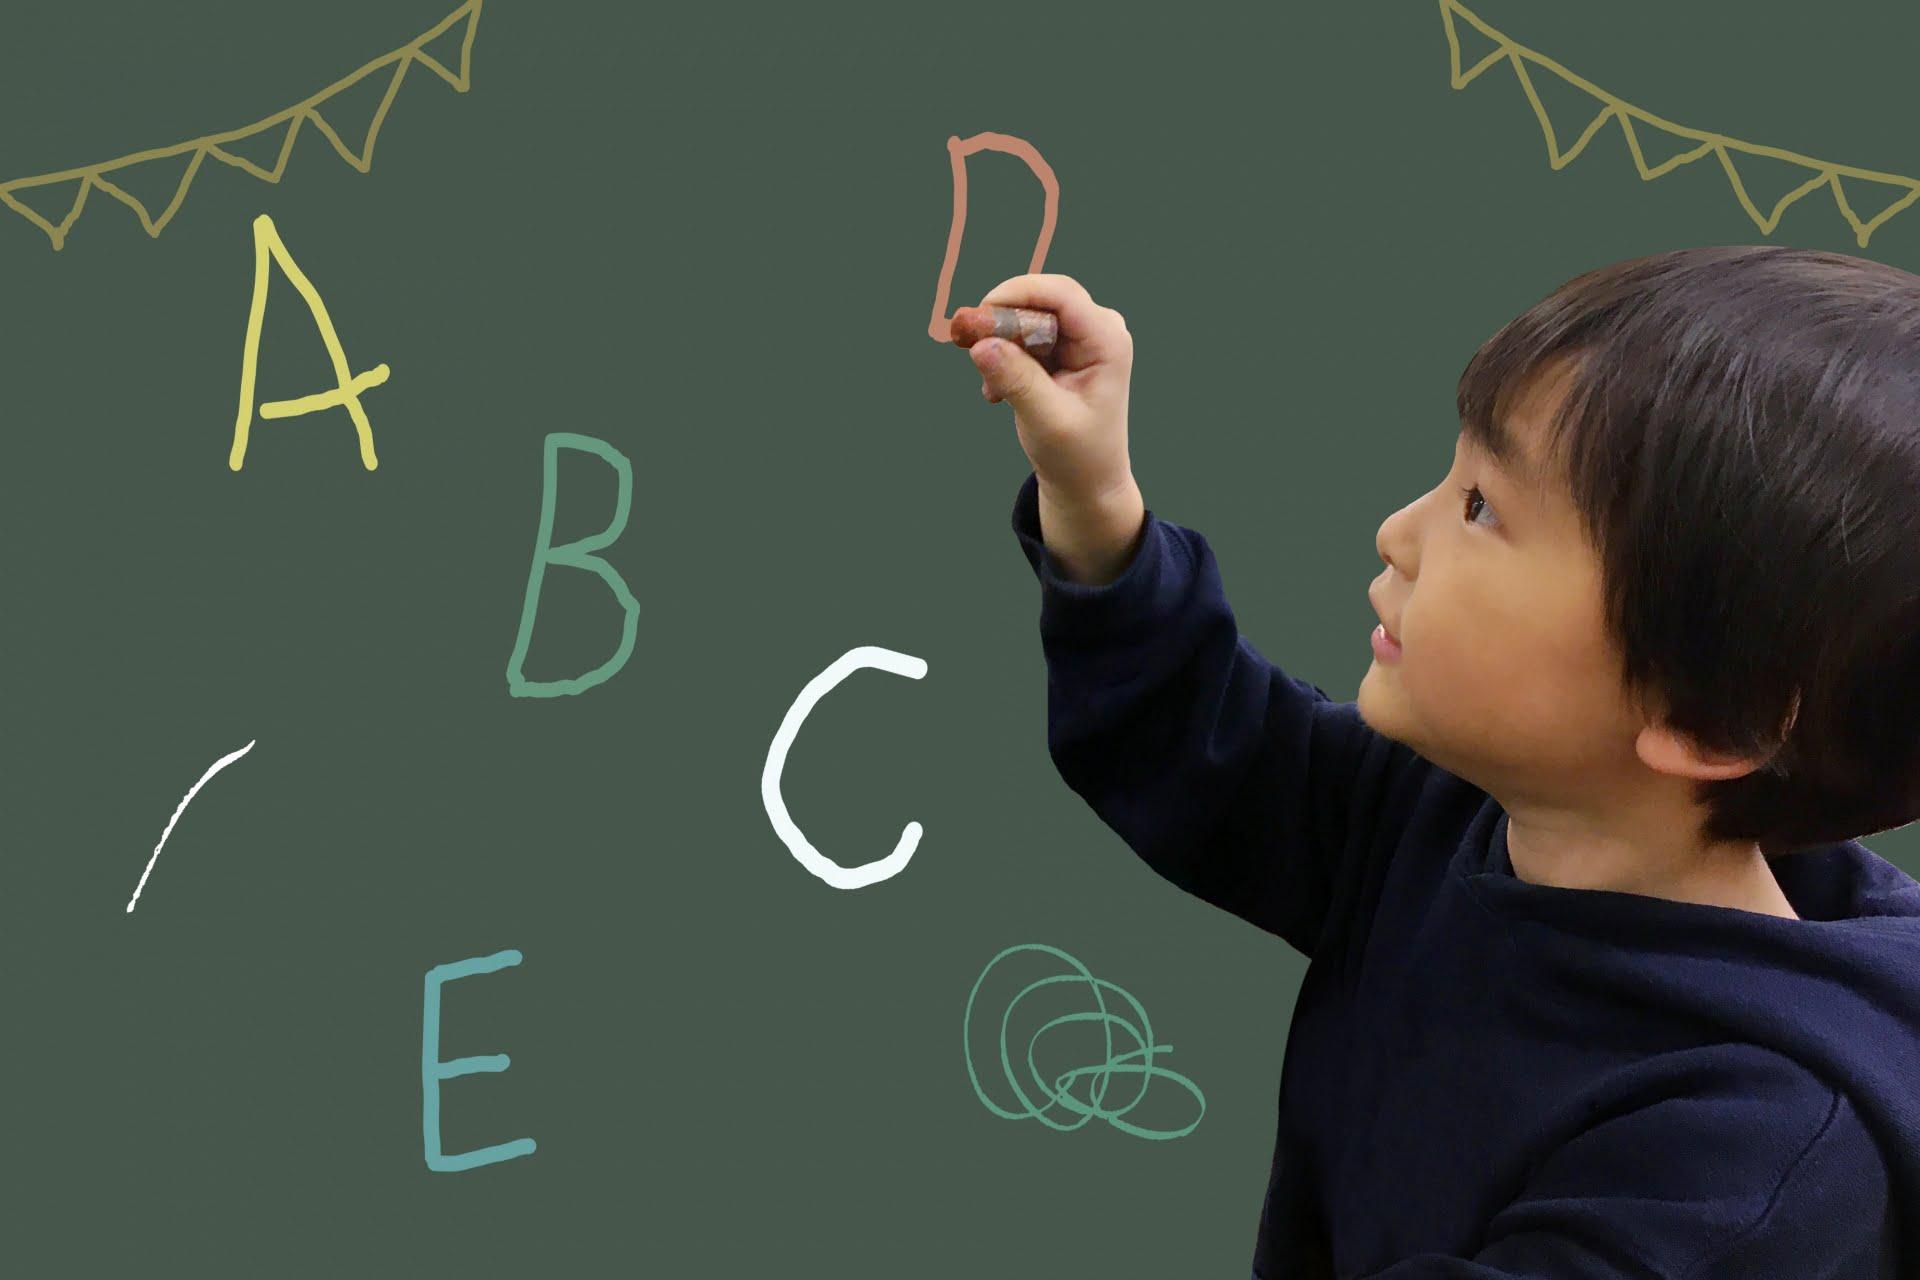 アルファベットを書く子ども